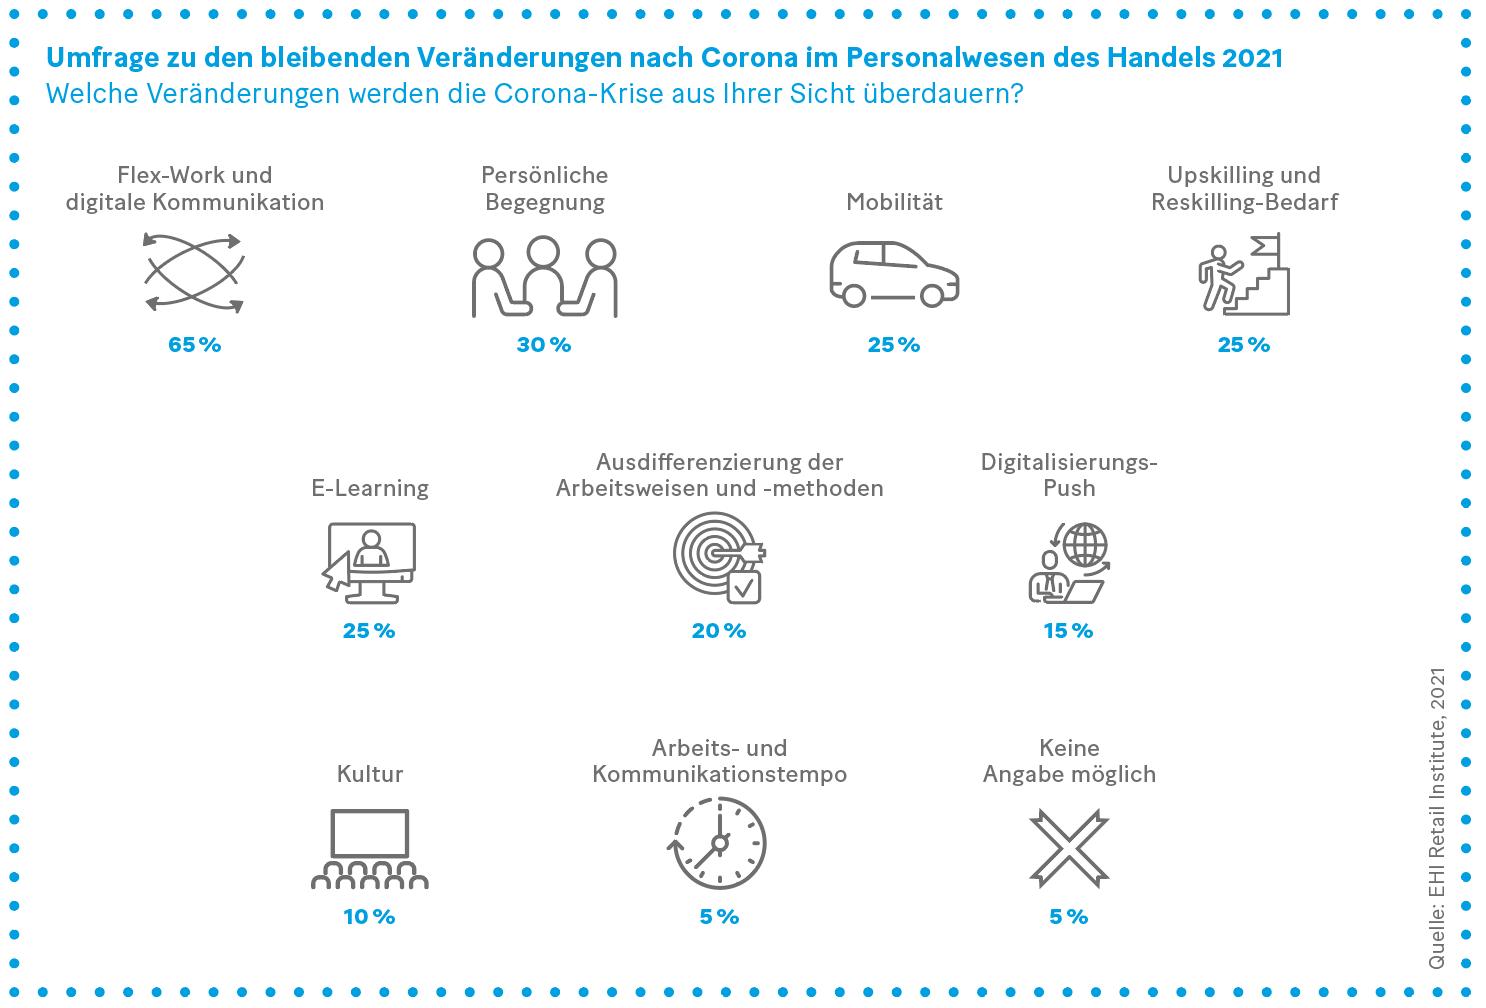 Grafik: Umfrage zu den bleibenden Veränderungen nach Corona im Personalwesen des Handels 2021